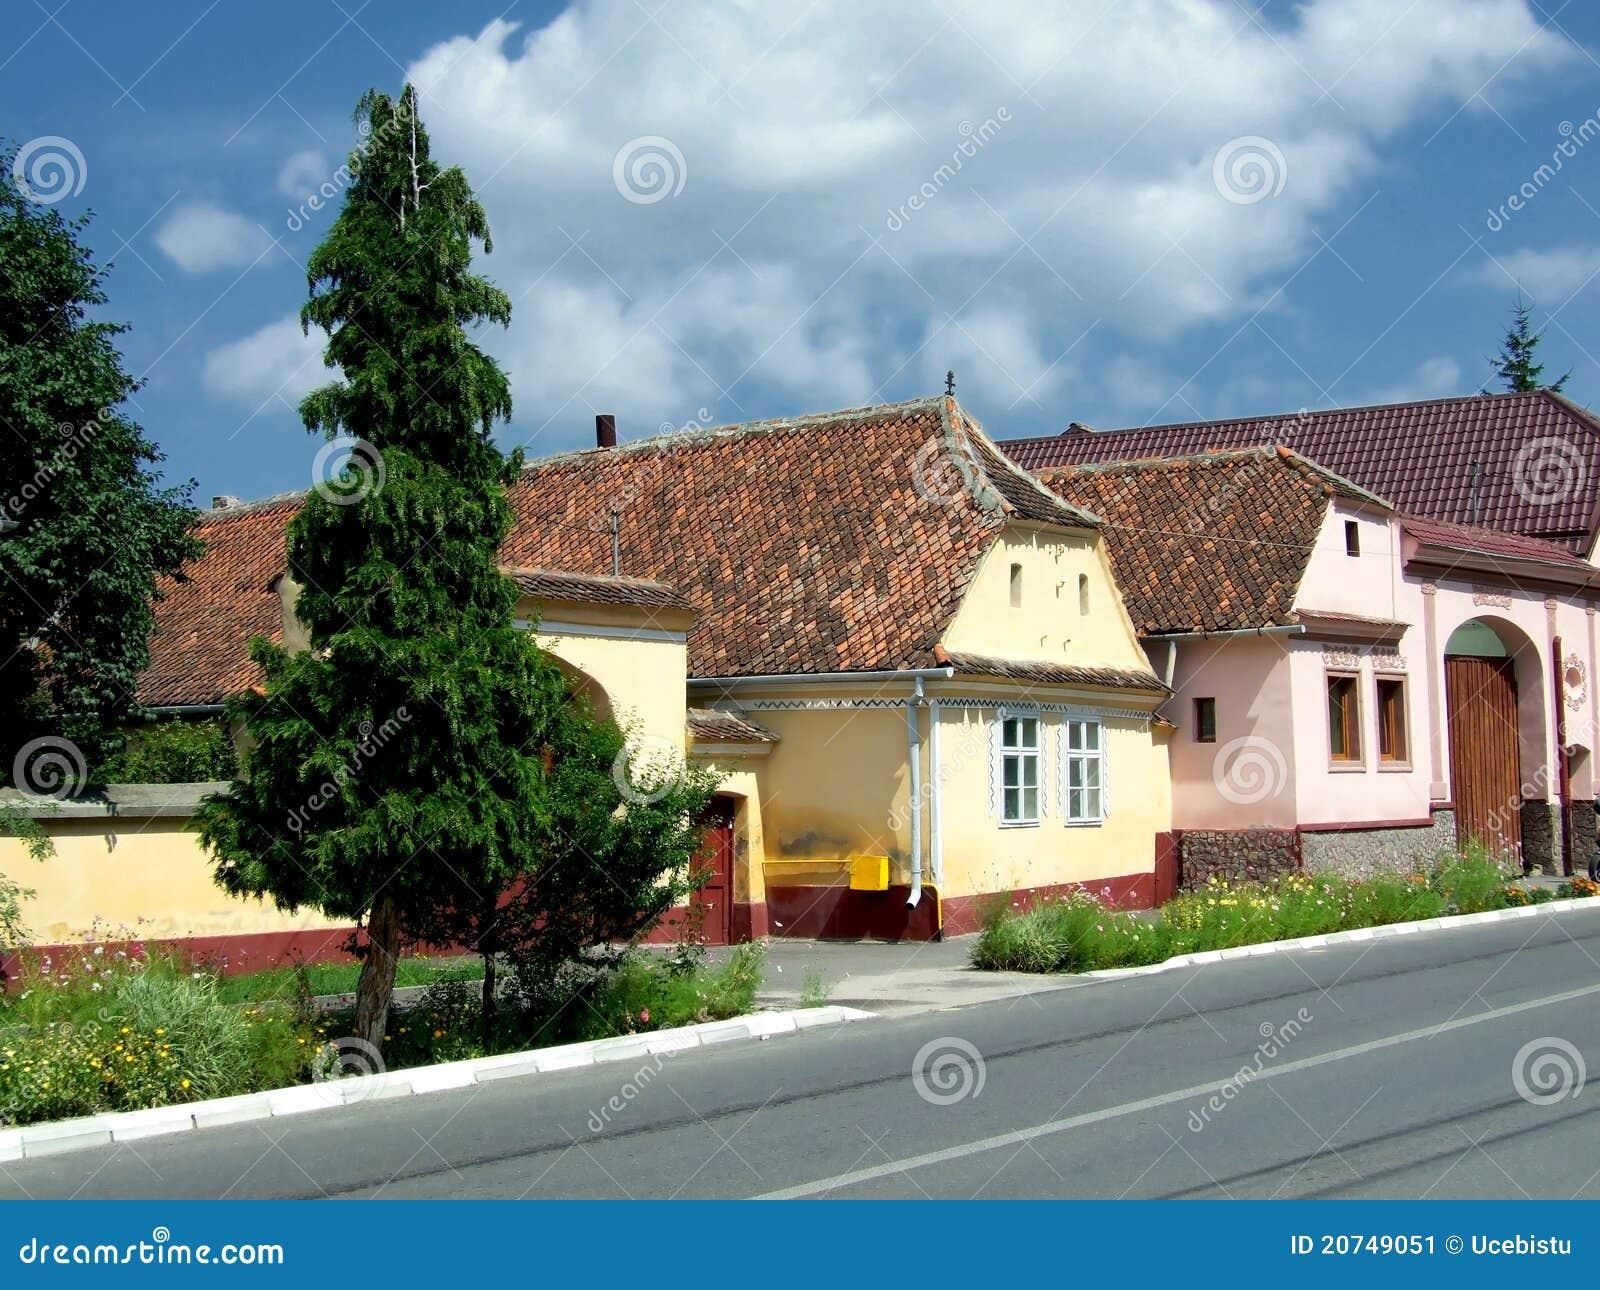 Saxon of transylvania stock image image 20749051 - Saxon style houses in transylvania ...